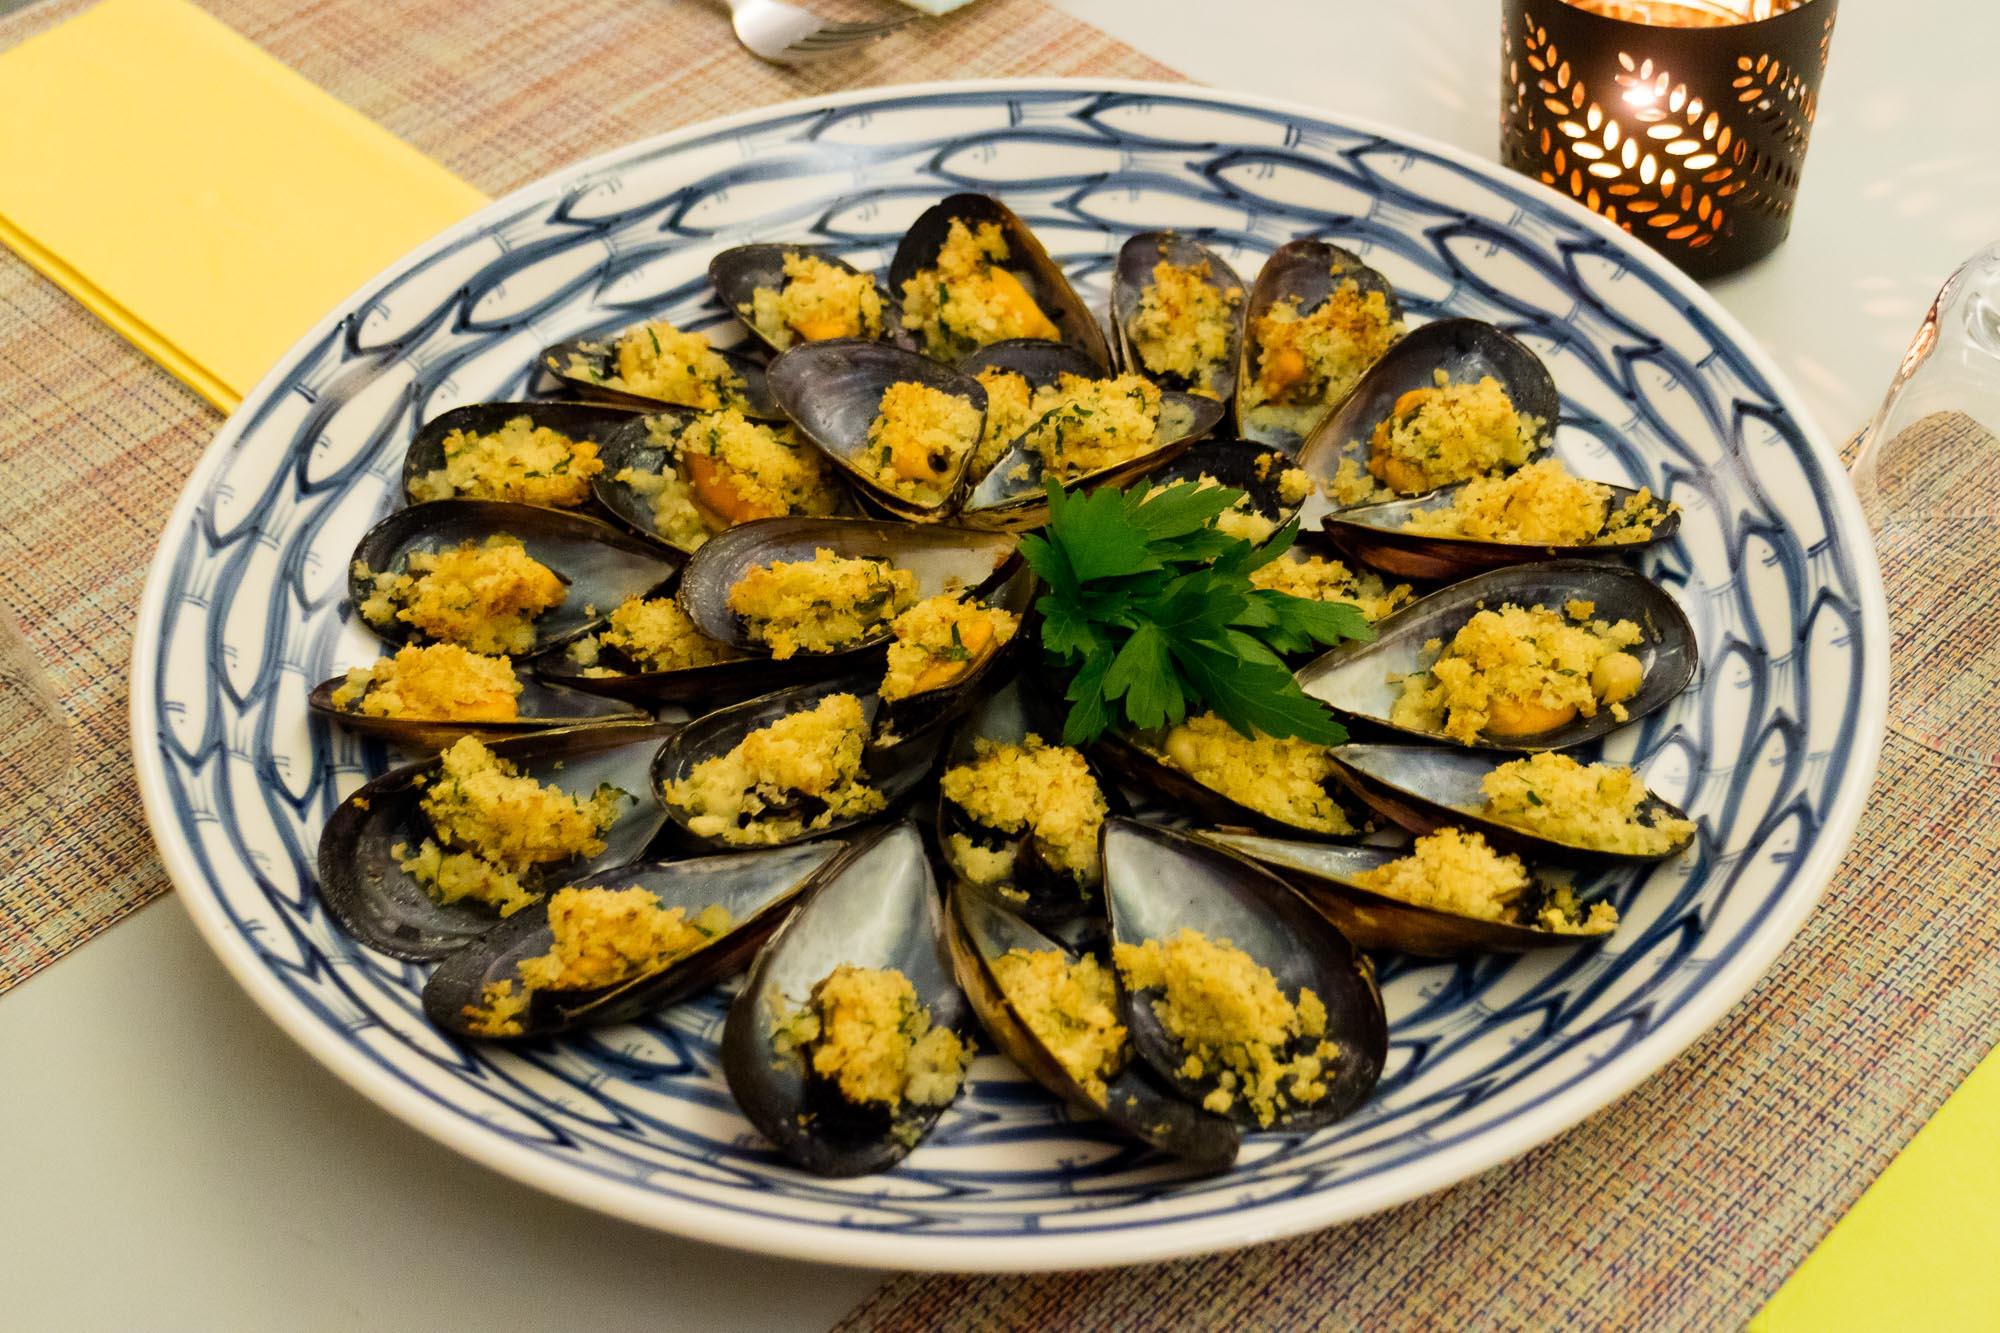 หอยแมลงภู่ออสเตรเลียอบเกล็ดขนมปังและชีส Calderazzo on 31  Calderazzo on 31 ร้านอาหารอิตาเลี่ยนแท้ ย่านสุขุมวิท ที่แนะนำให้มาลอง p79b9qqe4de66bw6lZj o